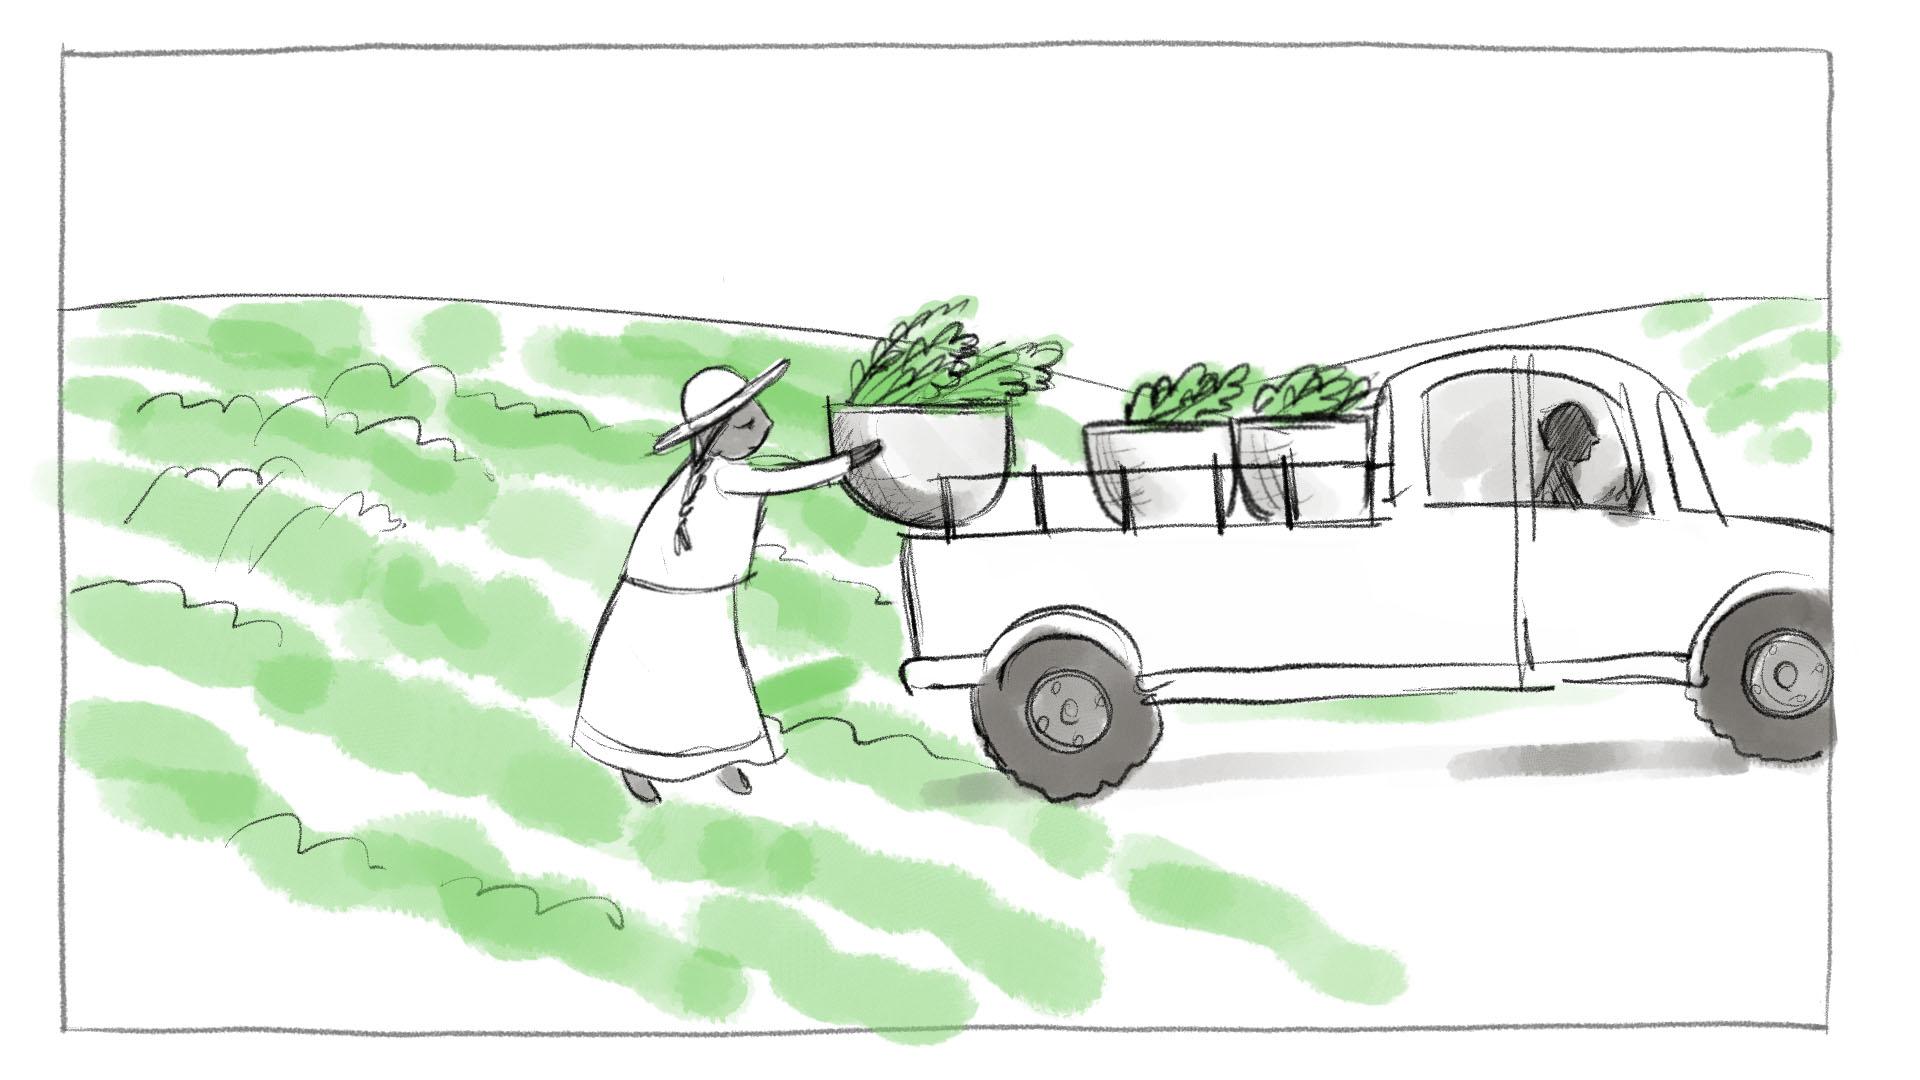 Shahidi_Storyboards_3b-1.jpg